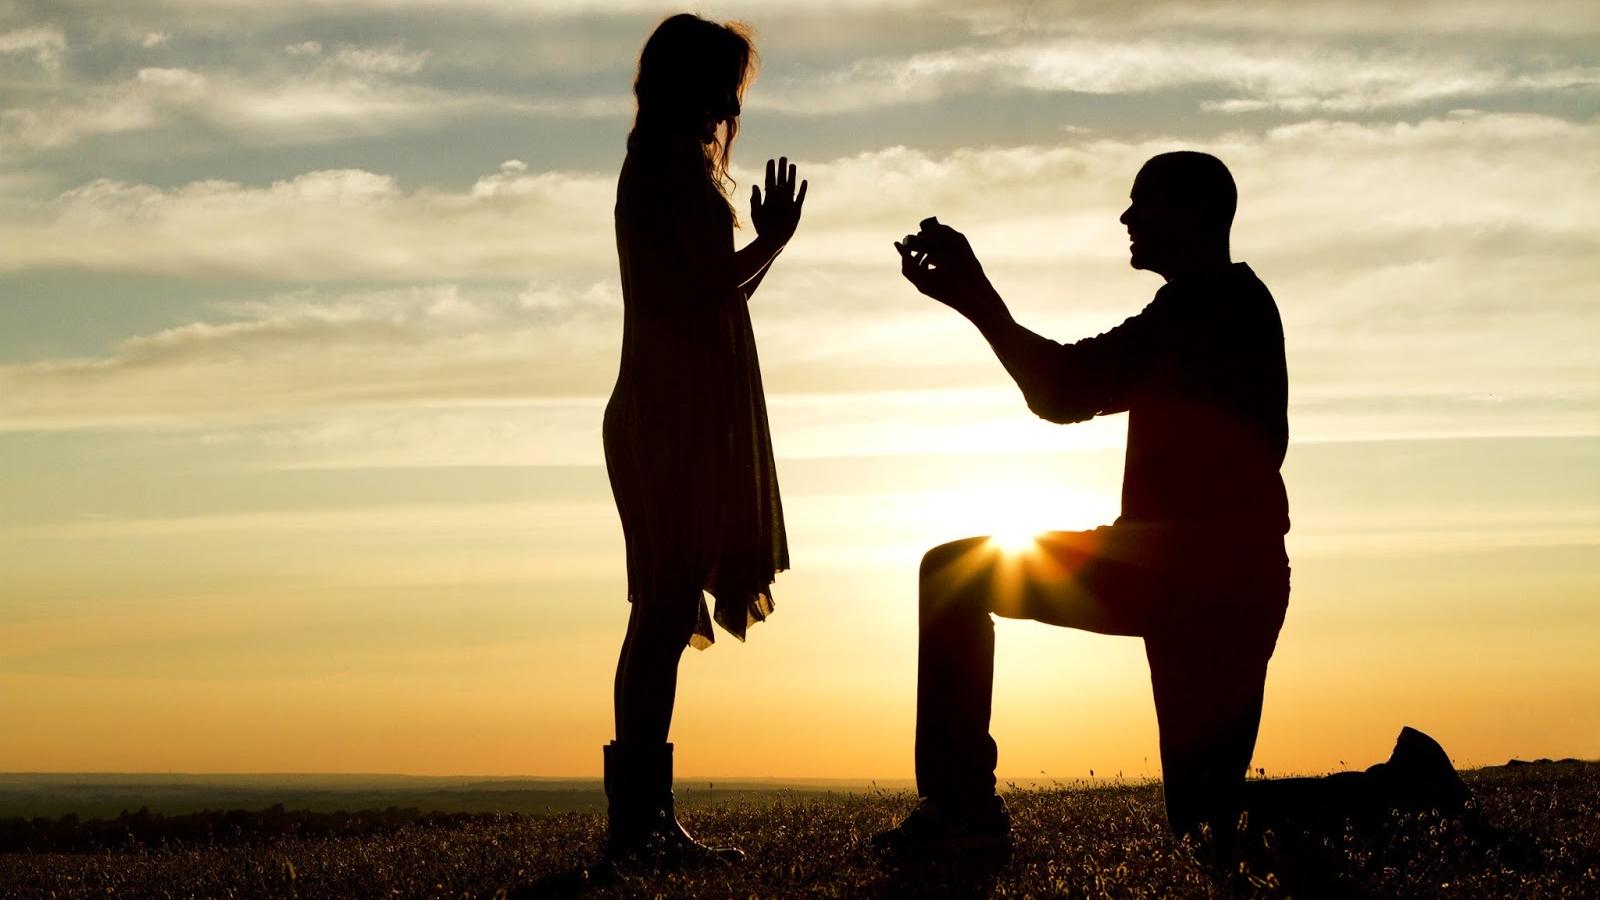 Những cách ngỏ lời cầu hôn ngọt ngào và hiệu quả mà bạn nên thử